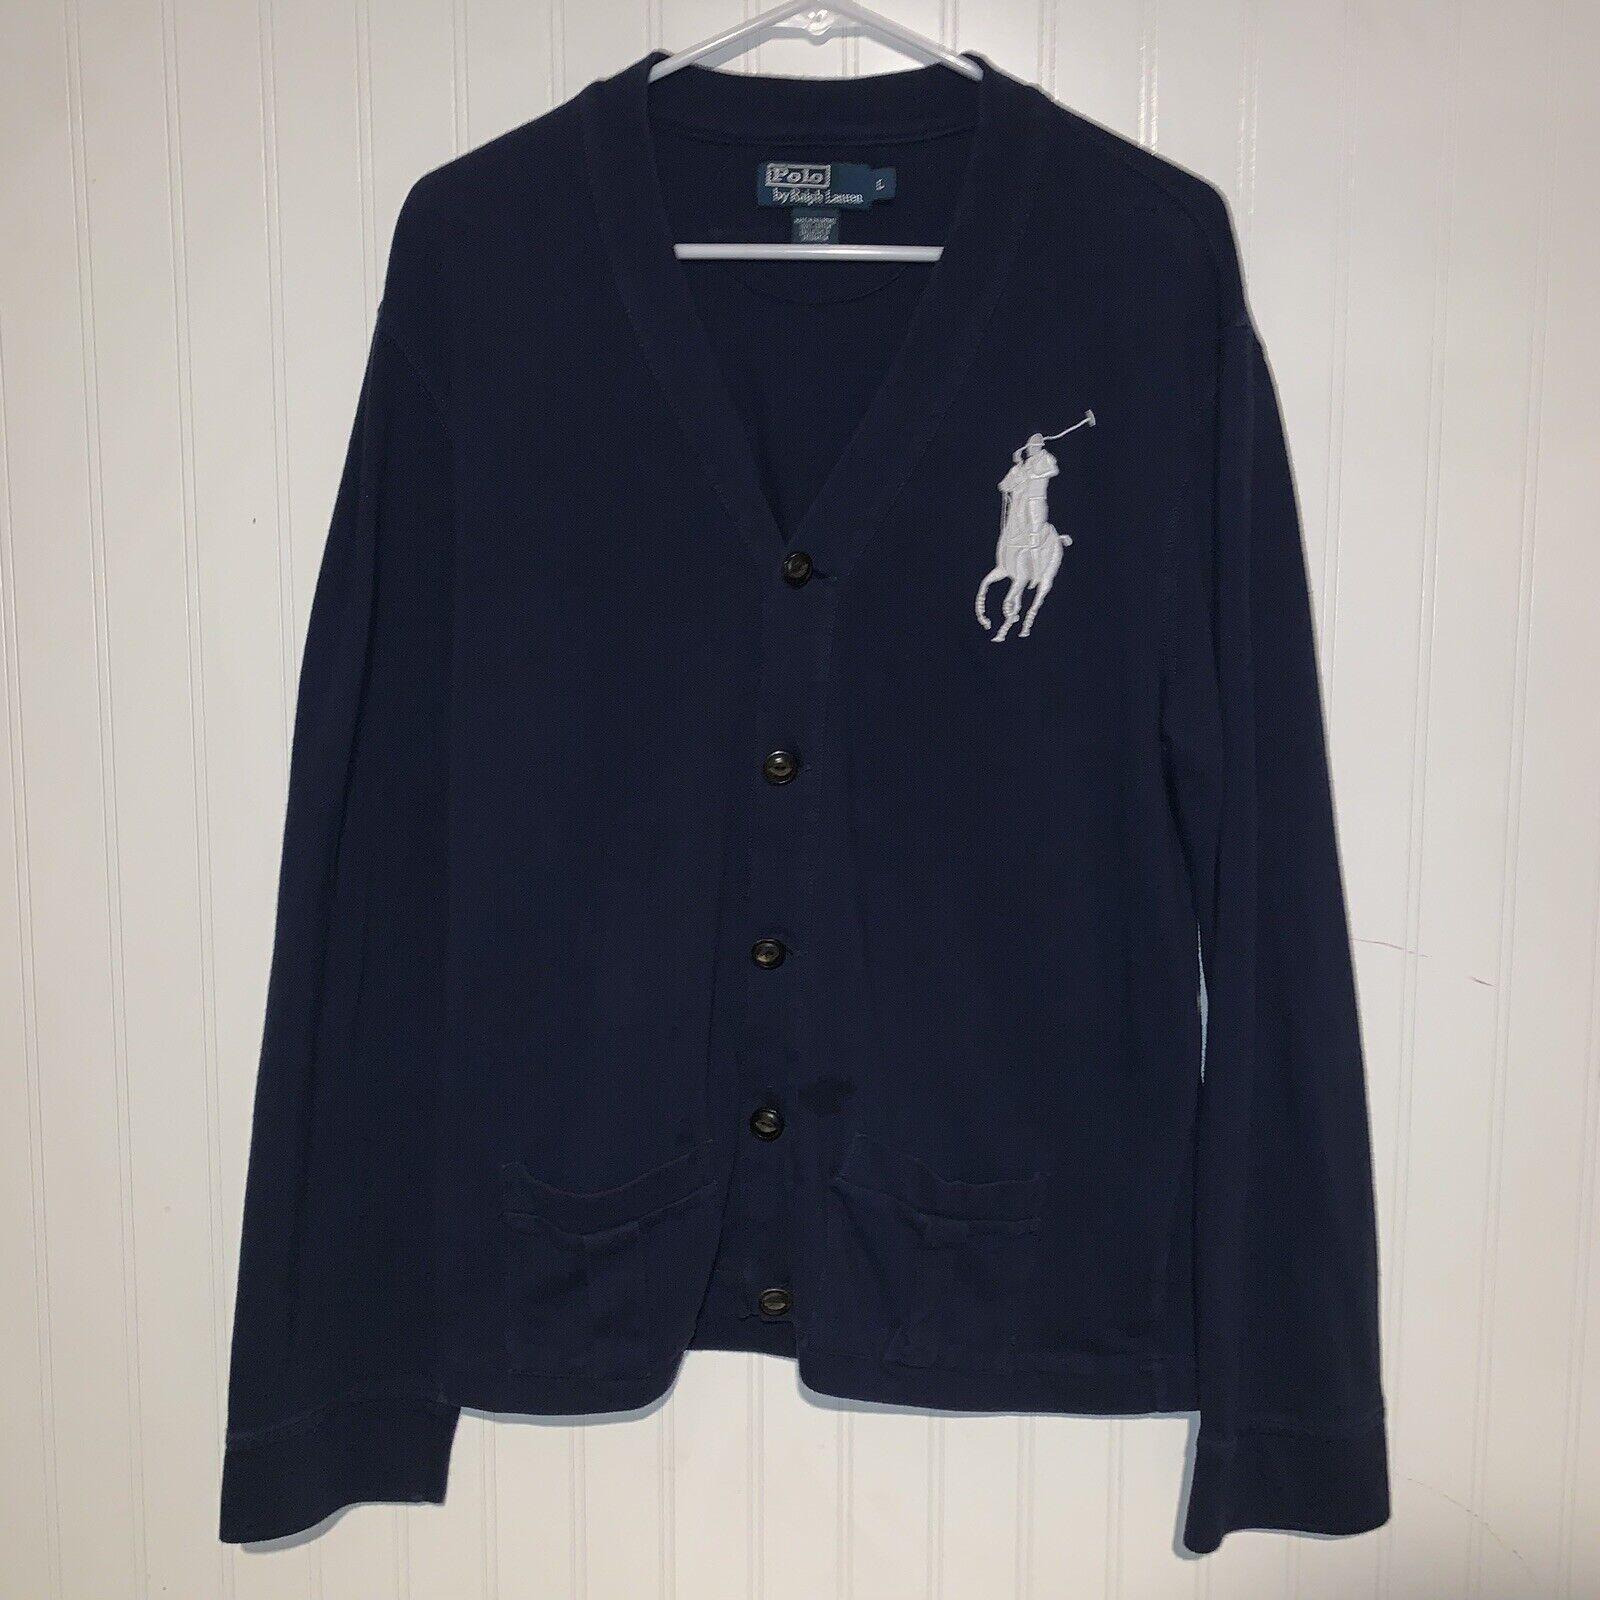 Vintage 90s Polo Ralph Lauren Navy Cardigan schweißer Größe groß Big Pony RARE